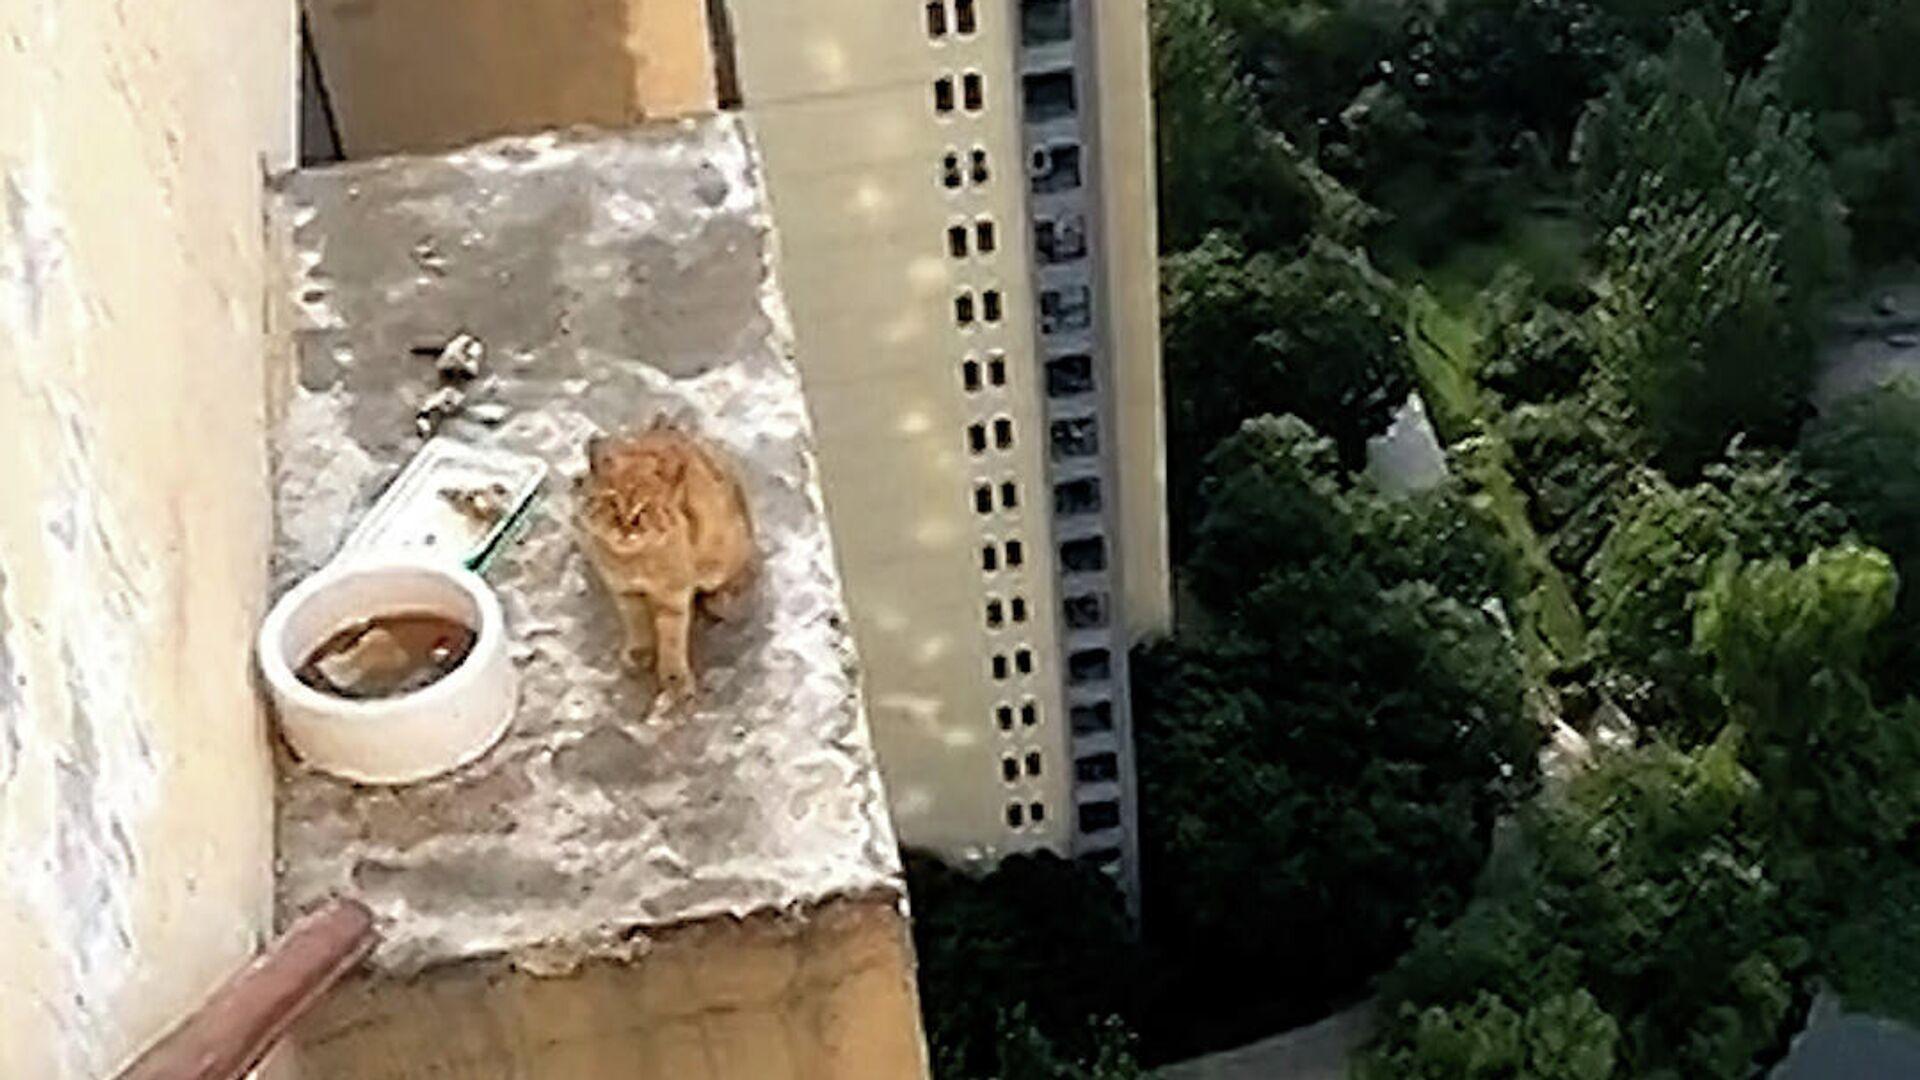 Ίλιγγος και αγωνία: Έσωσαν γάτα που παγιδεύτηκε έξω από τον 33ο όροφο κτιρίου στην Κίνα - Sputnik Ελλάδα, 1920, 19.08.2021